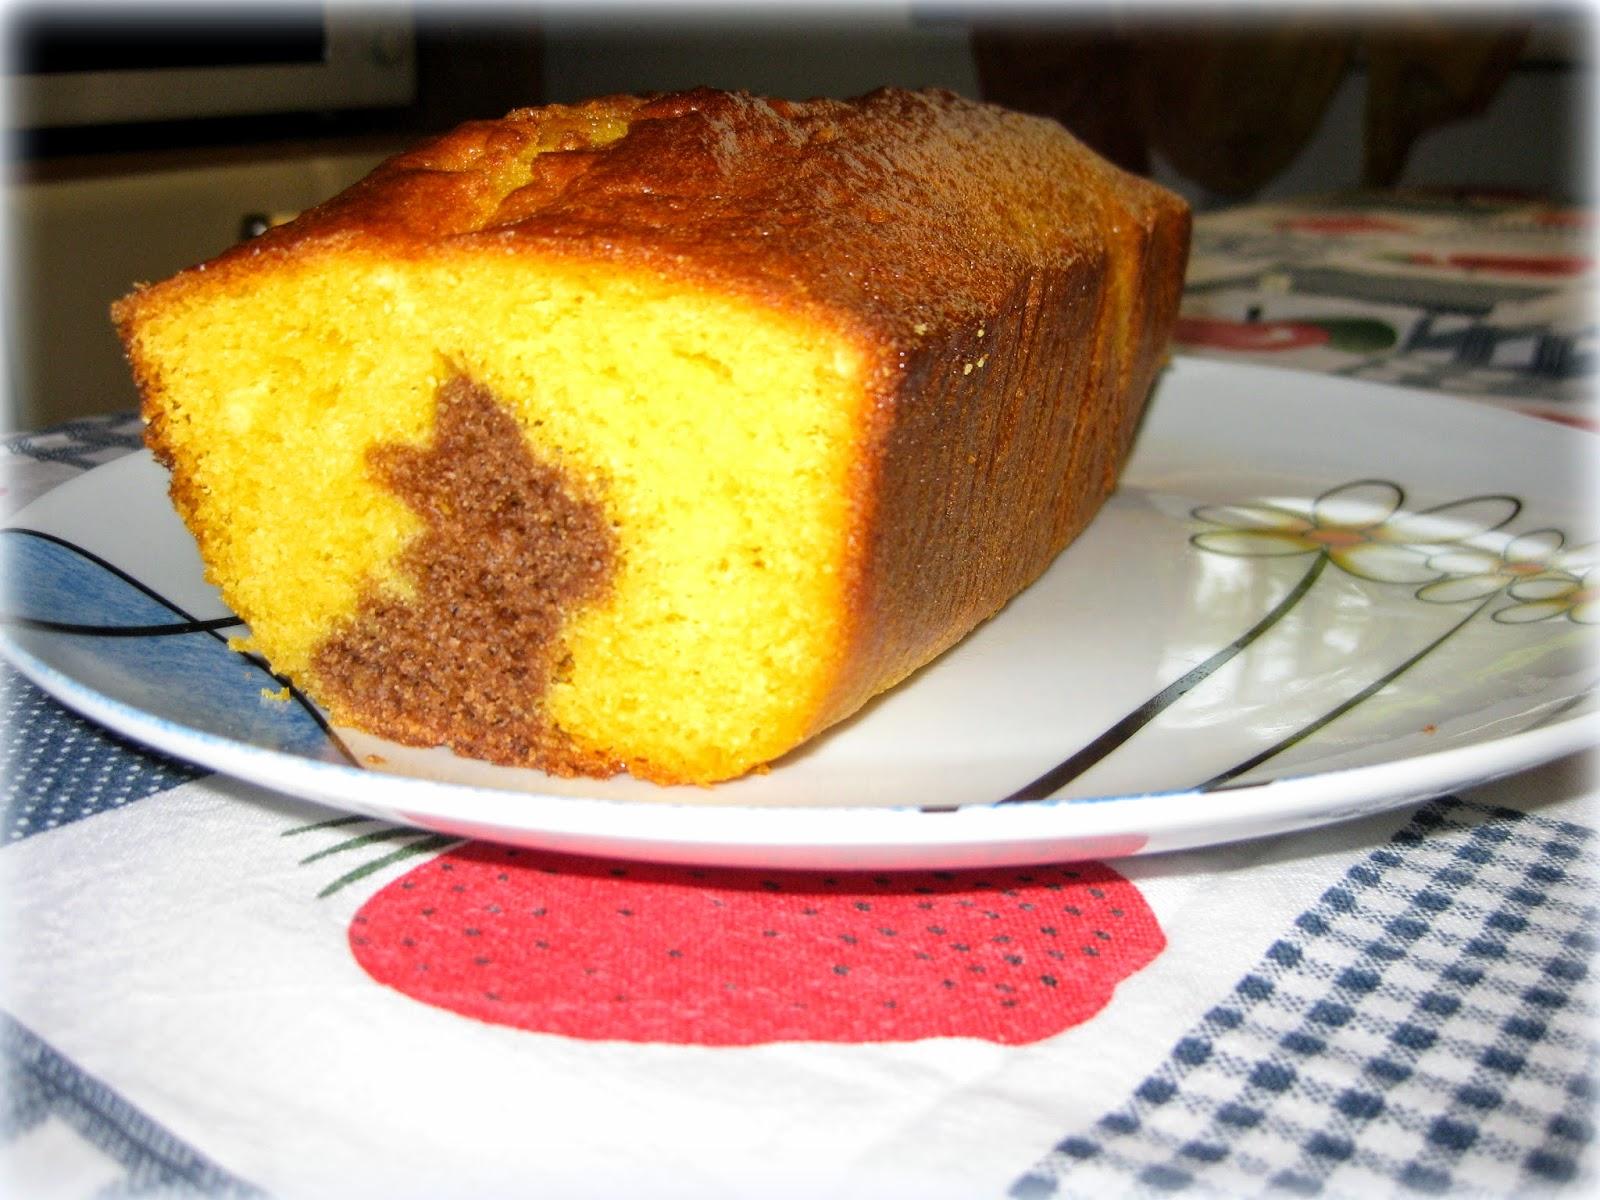 La ricetta di un plumcake bianco e nero, con yogurt ed un simpatico coniglietto di cacao all'interno.